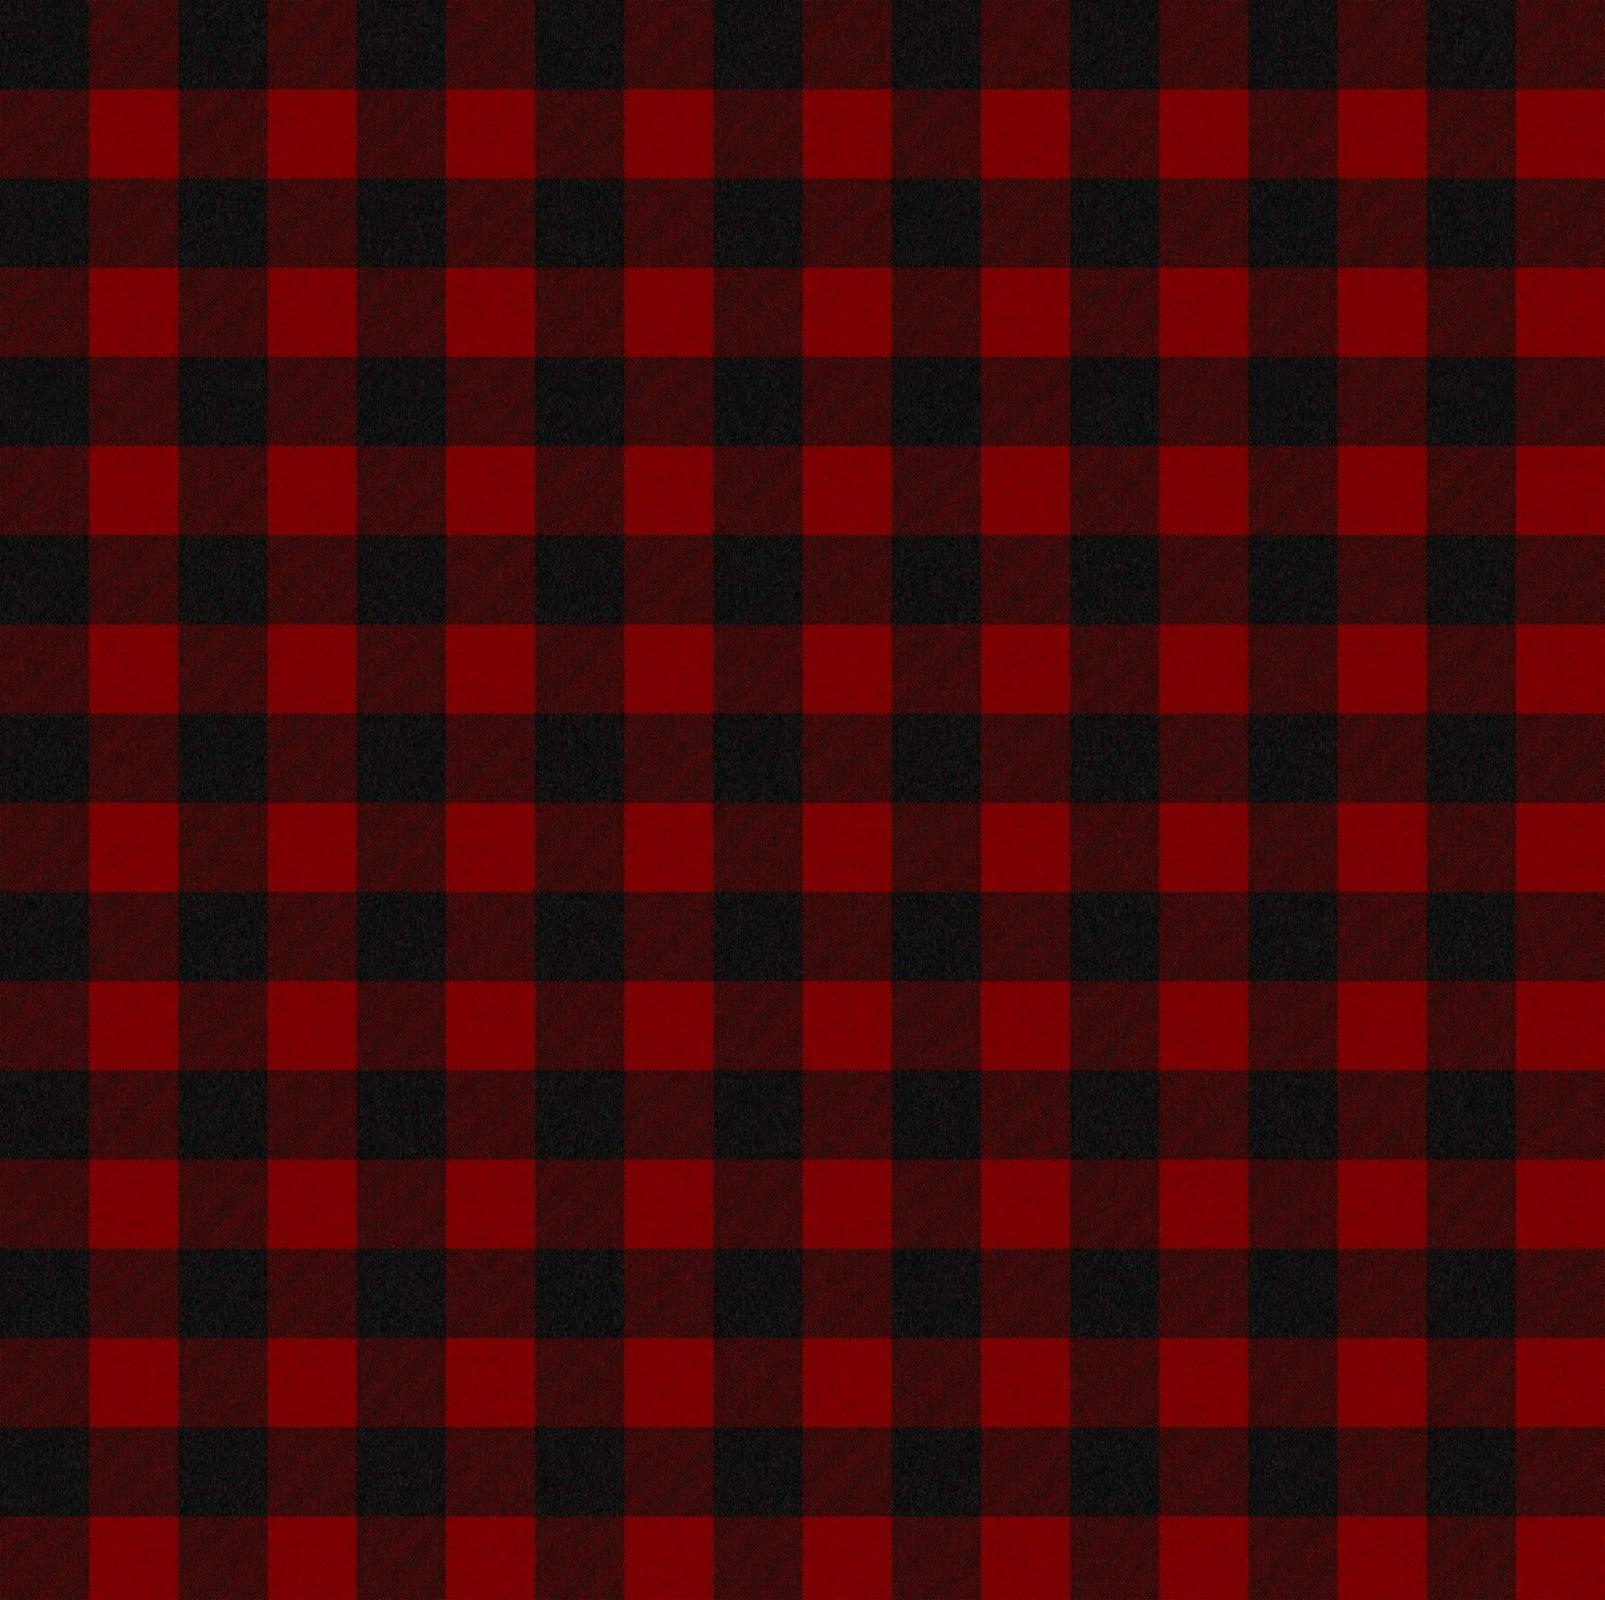 WEST CREEK - RED BLACK